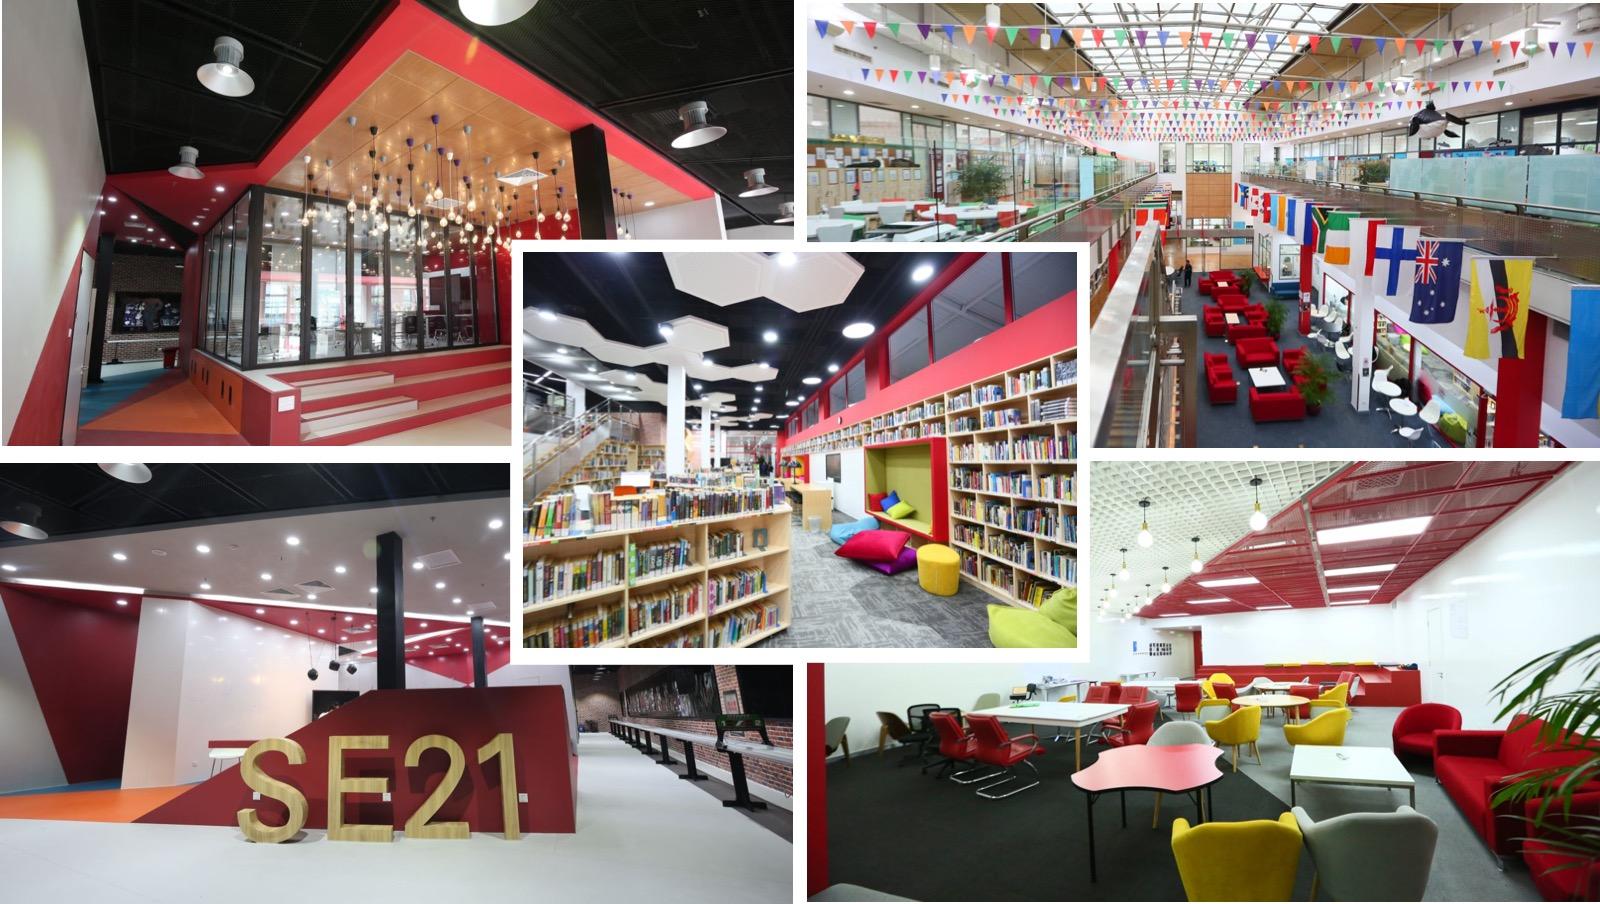 ss-facilities-北京德威英国国际学校-20200731-172809-675